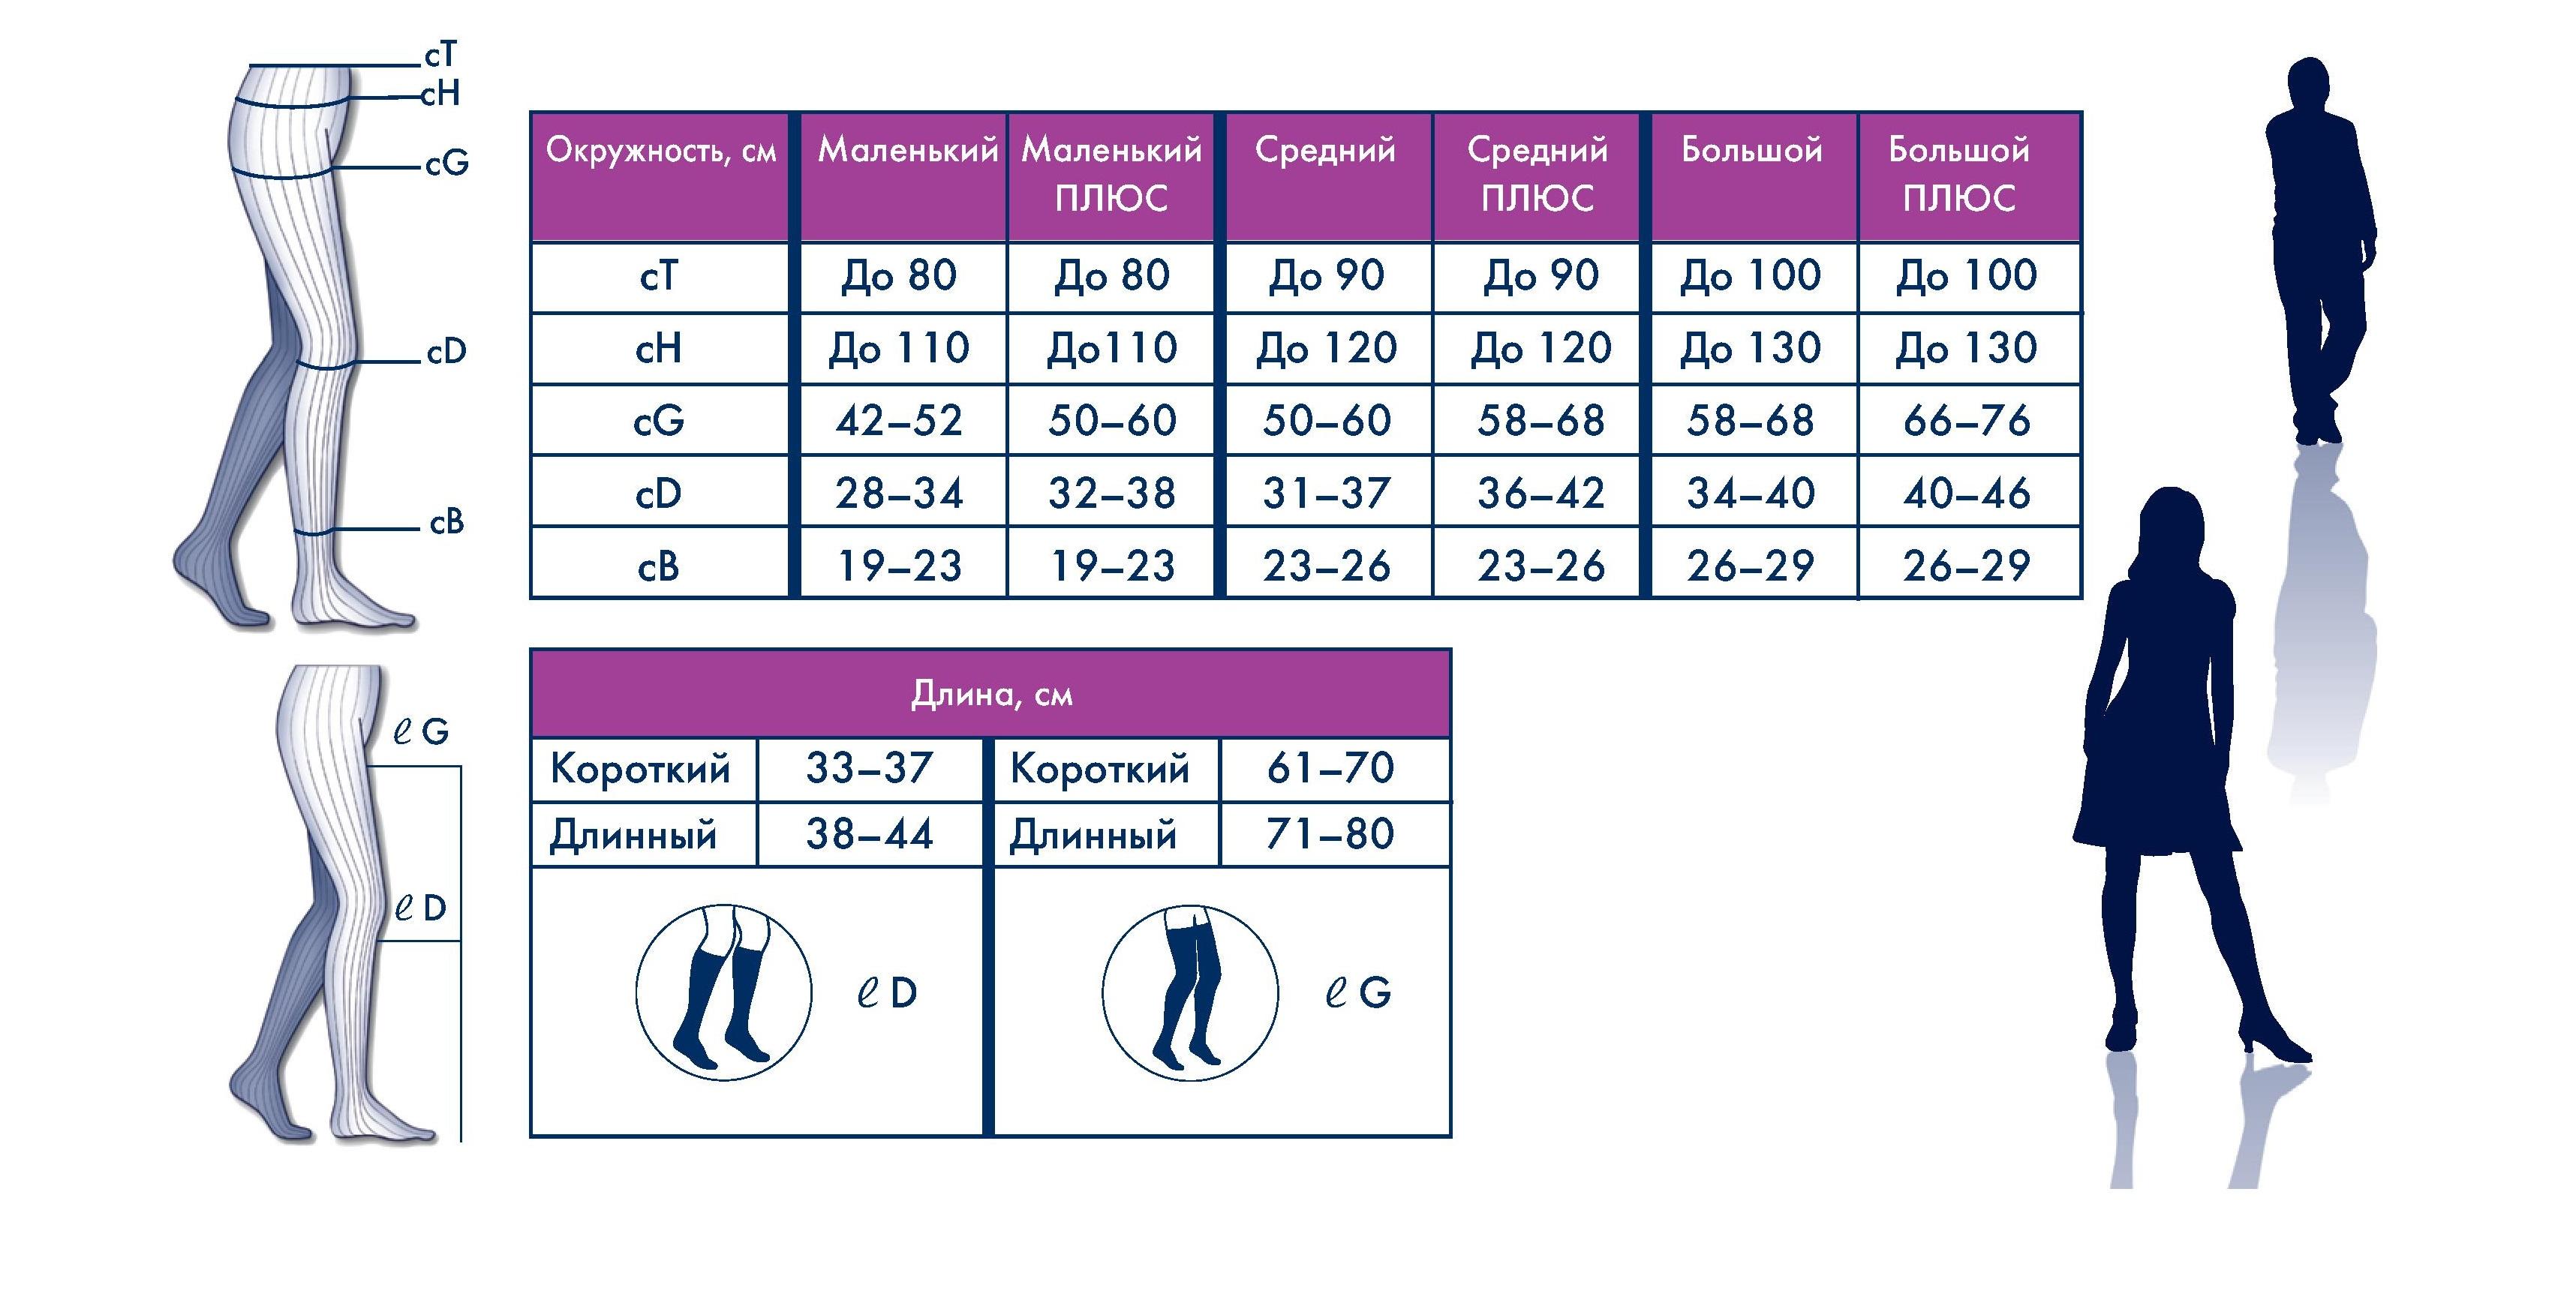 Схема определения размера компрессионных изделий  Топ Файн Селект